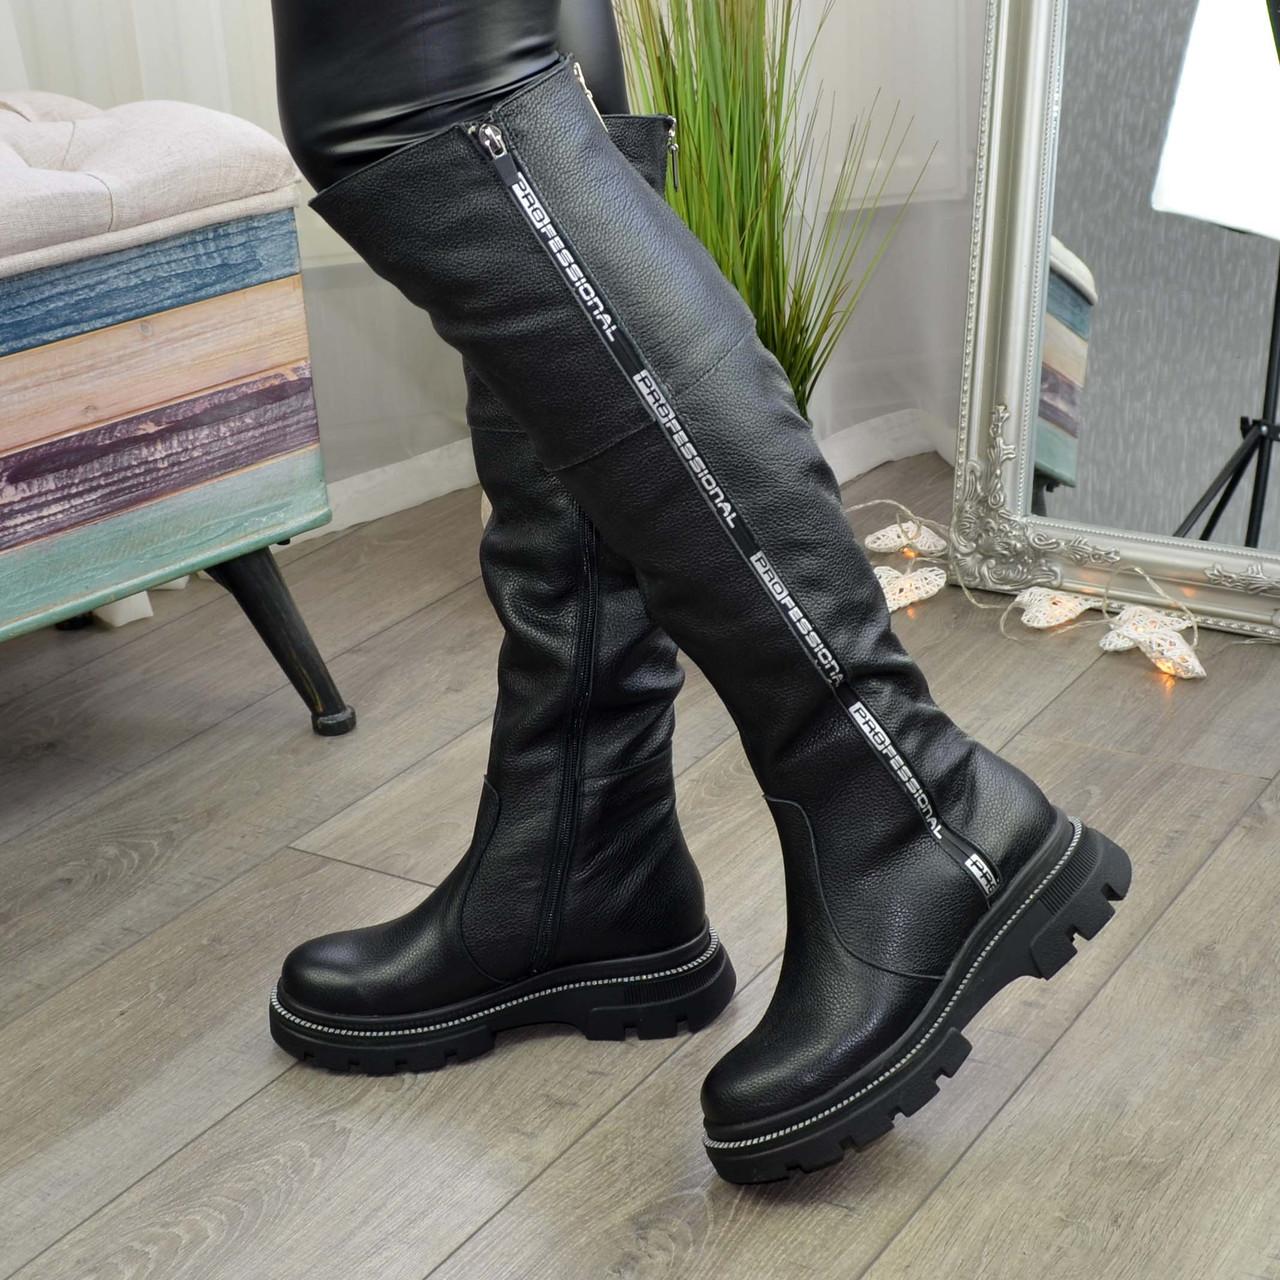 Ботфорты женские кожаные спортивного стиля. Цвет черный